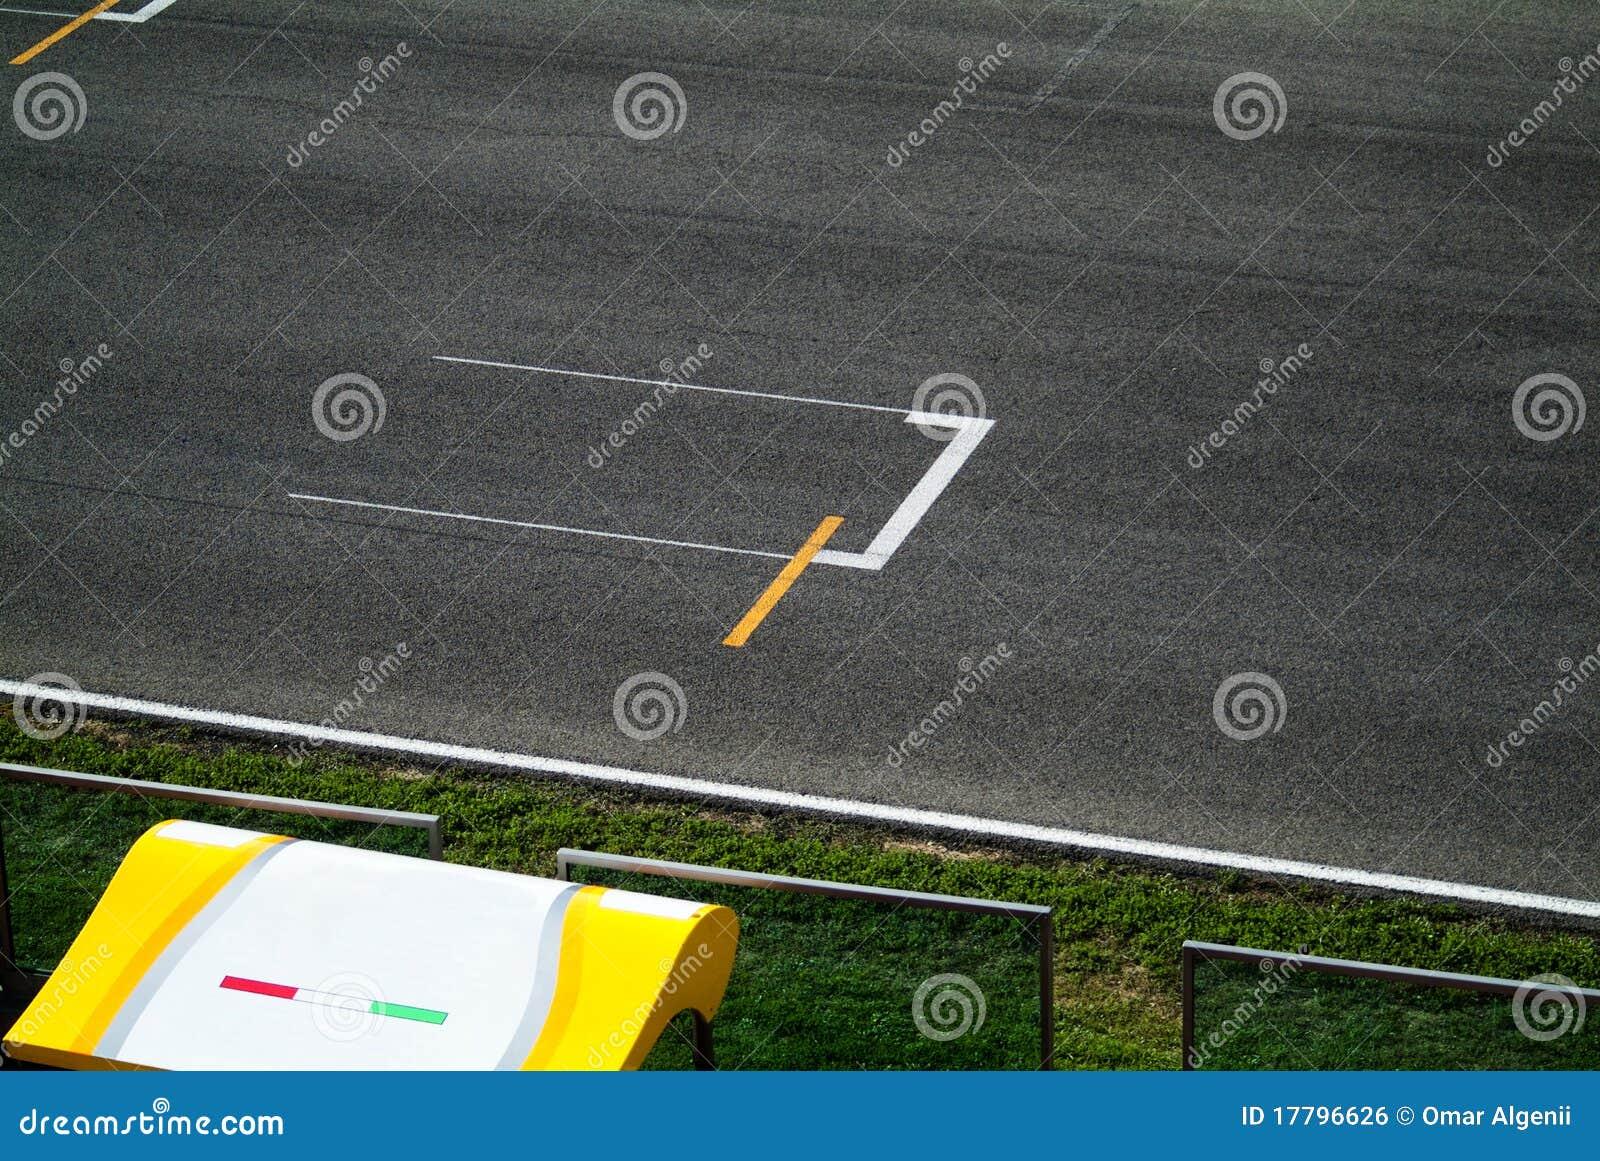 Schalten Sie Leitung In Der Rennenstraße Zu Stockfoto - Bild: 17796626